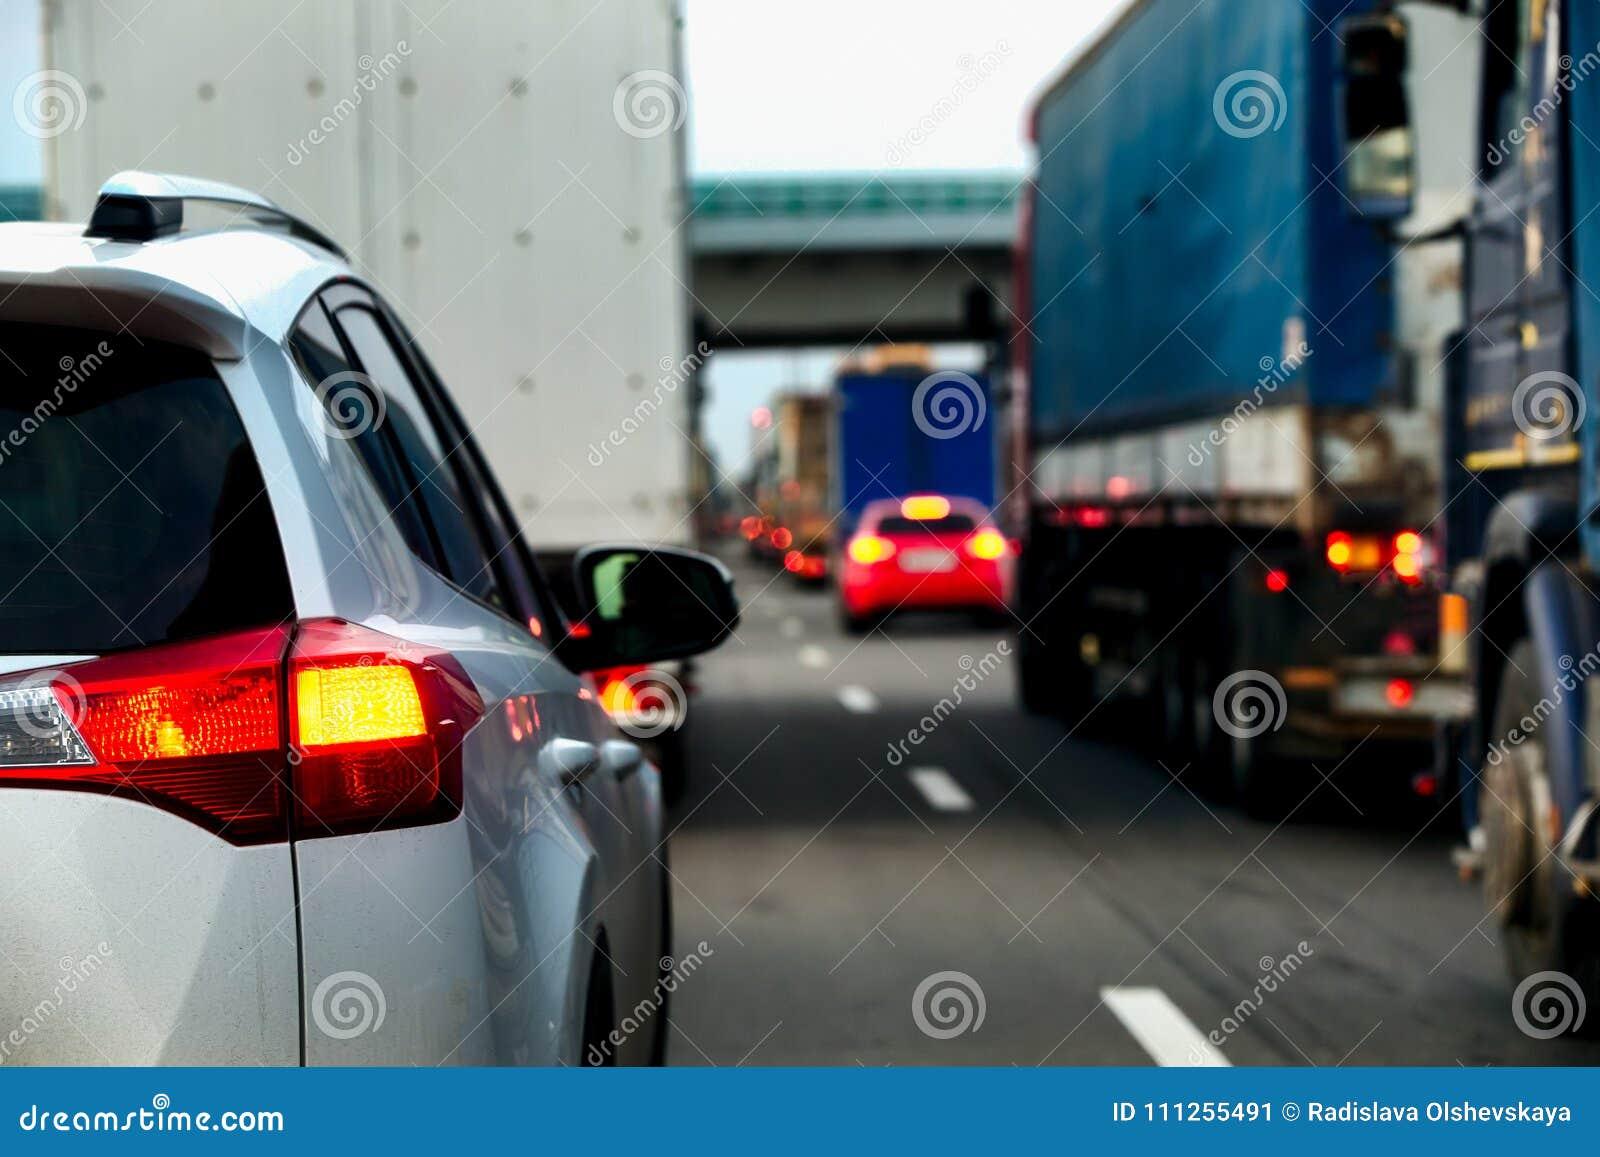 La circulation intense des camions et des voitures sur une route